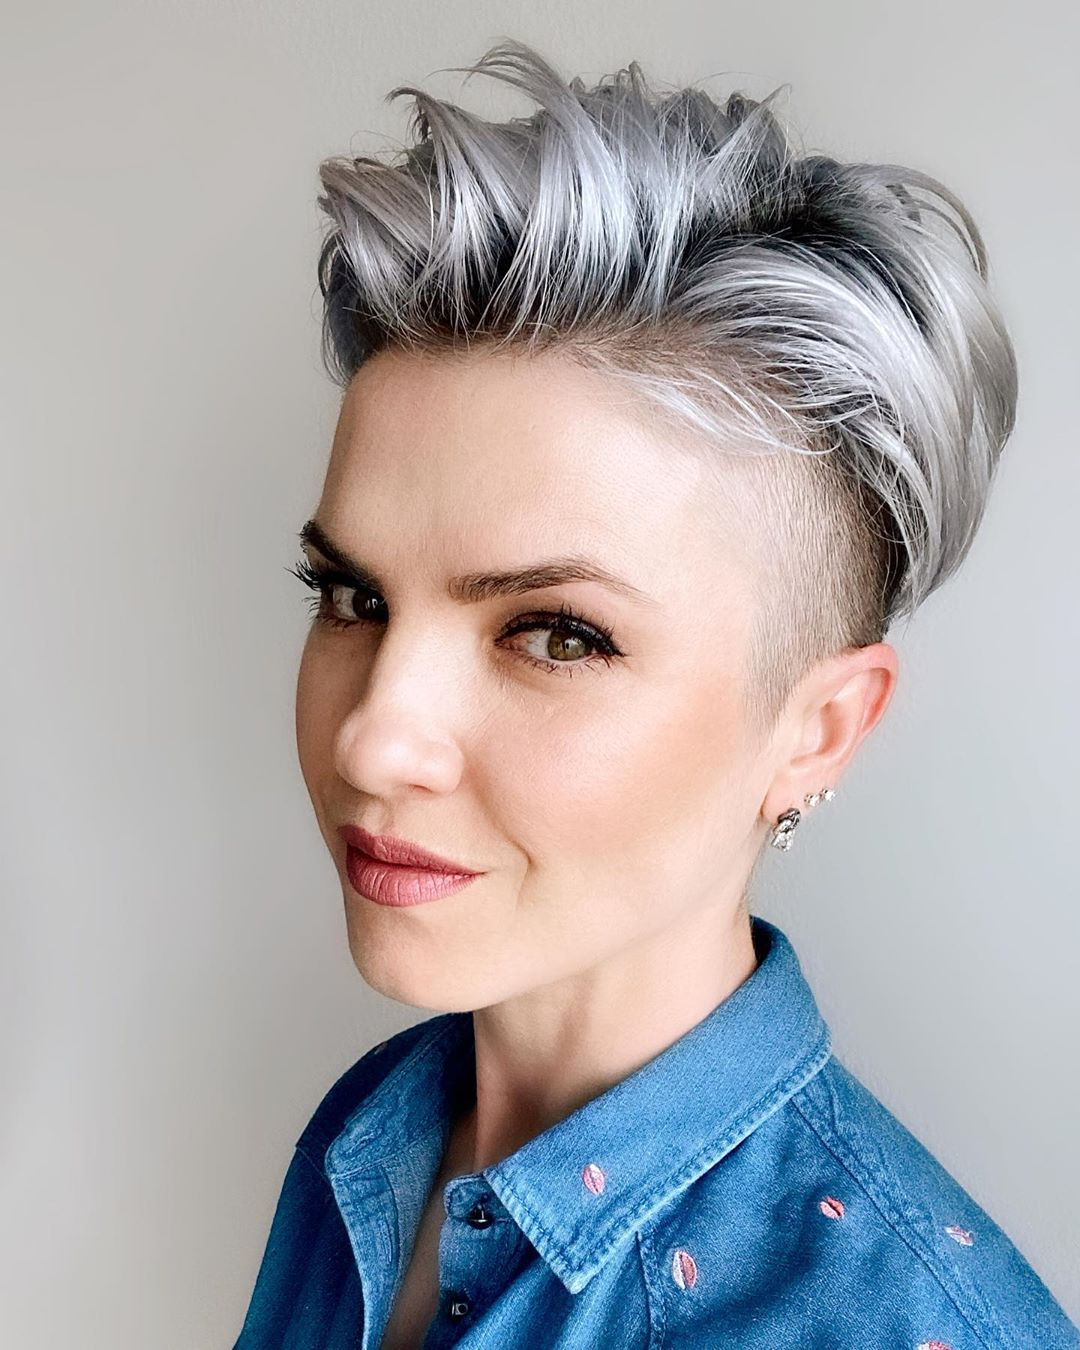 top 5 frisuren, die immer in mode sein werden - kurze haare